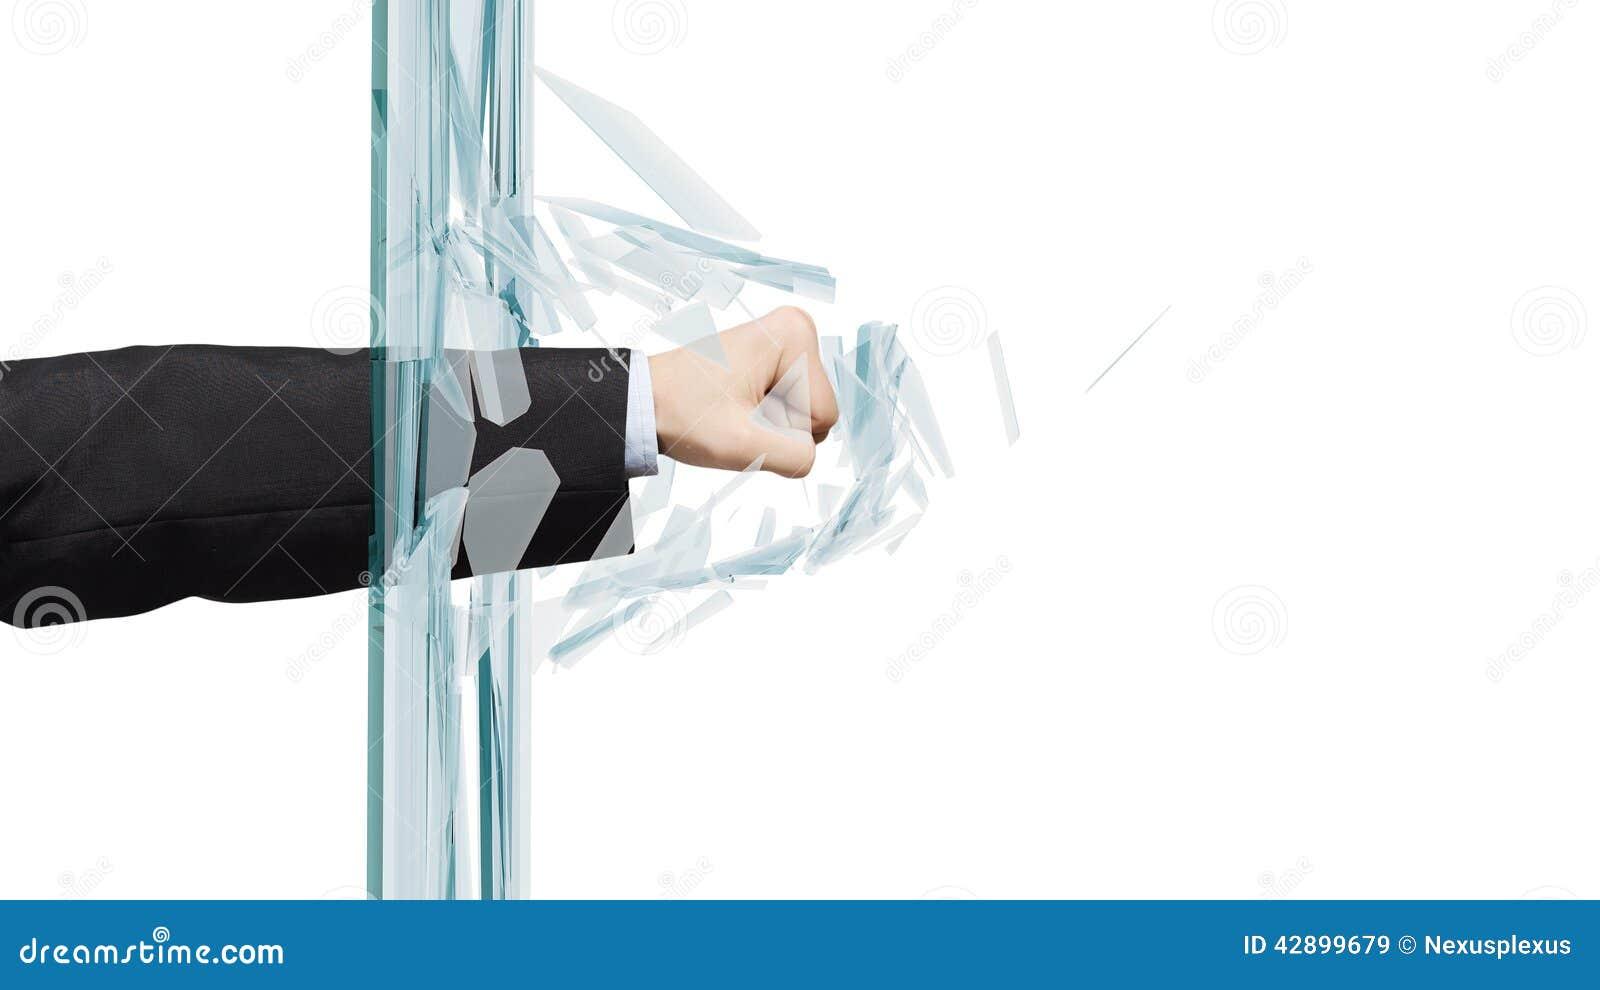 打破玻璃的人库存图片. 图片包括...